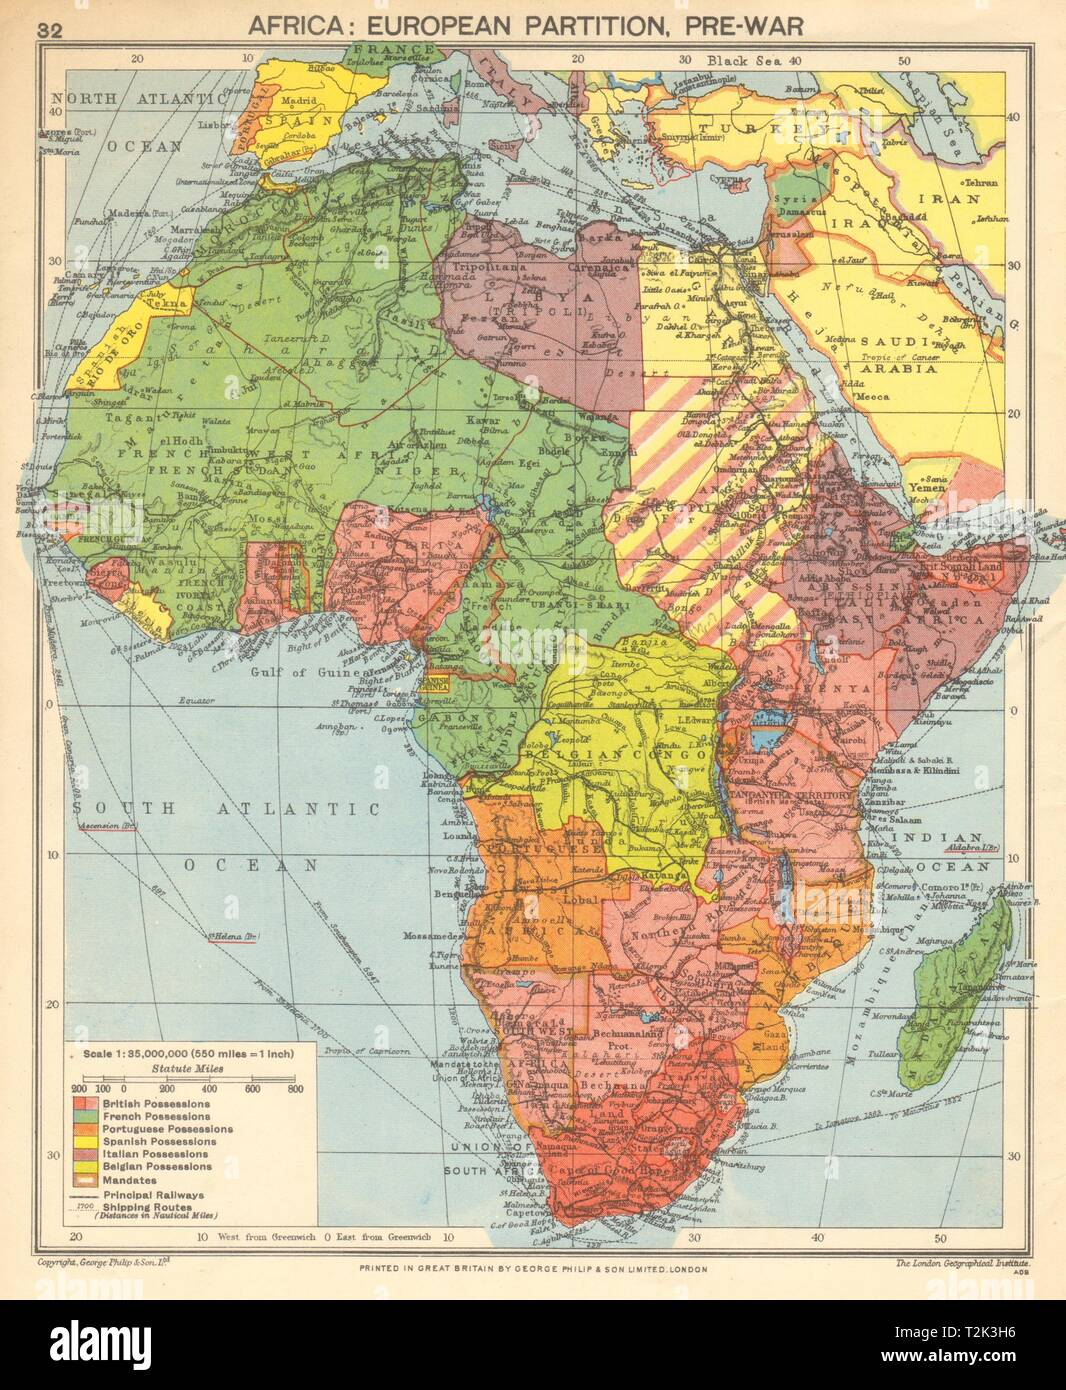 Deutsche Karte Vor Dem 1 Weltkrieg.Vor Dem Zweiten Weltkrieg Afrika Europaischen Kolonien